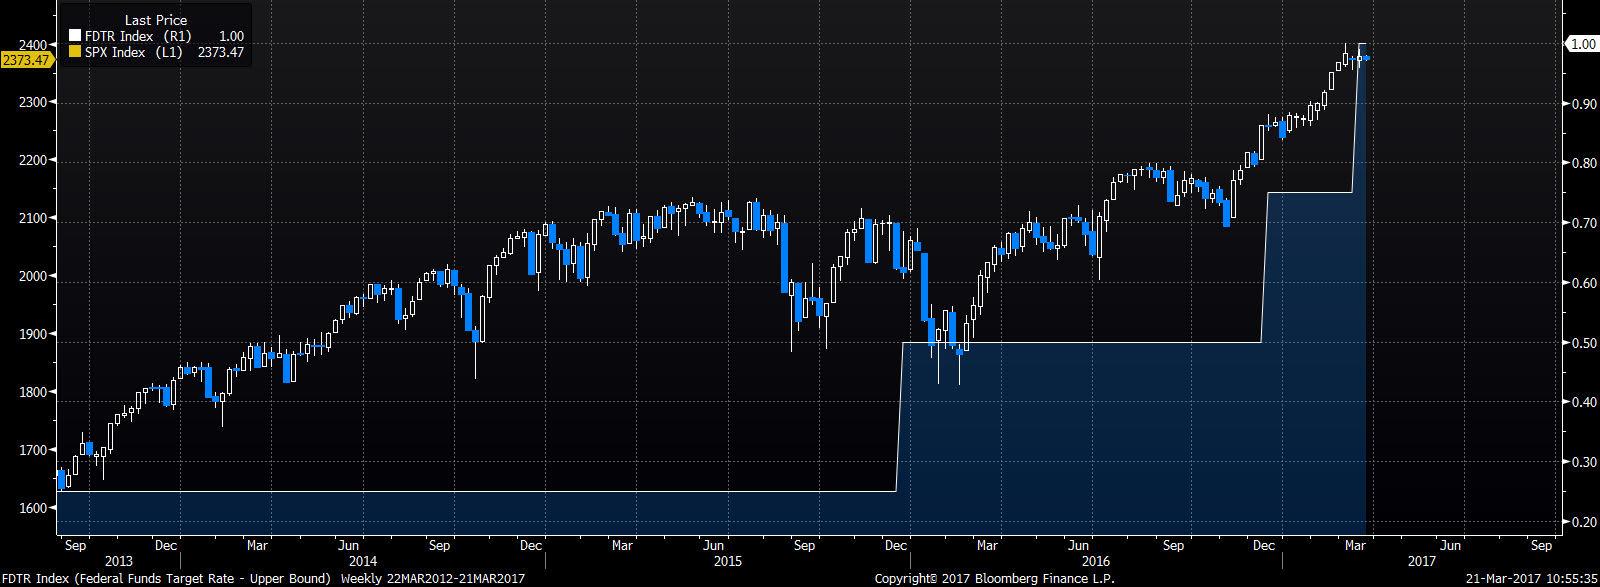 Zacieśnianie monetarne 2015-201X